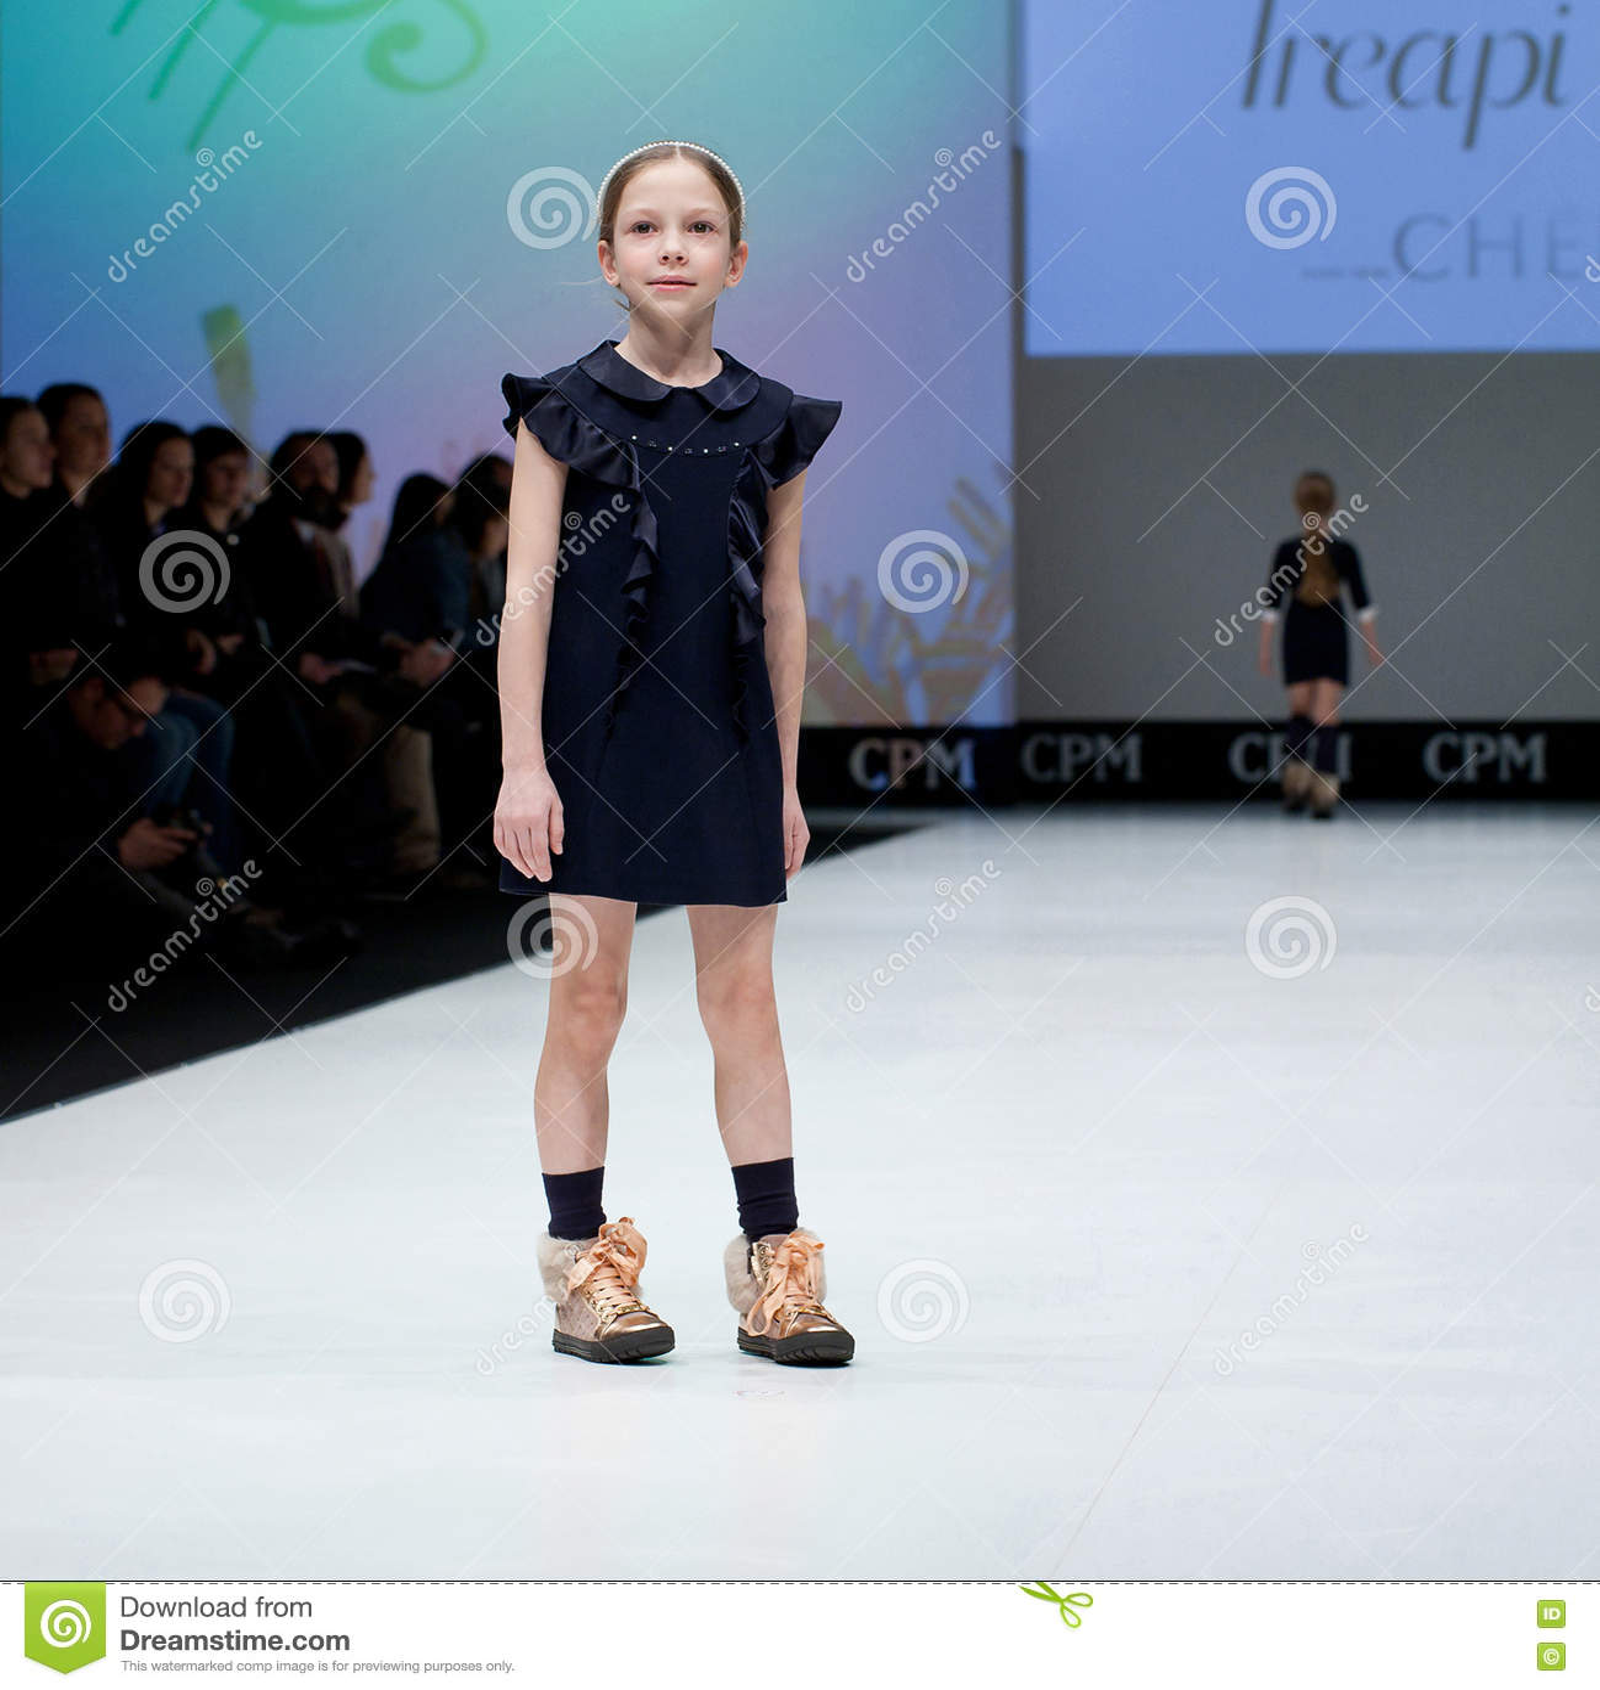 new concept 10b6e 655f3 Sfilata Di Moda Bambini, Ragazza Sul Podio Fotografia Stock ...